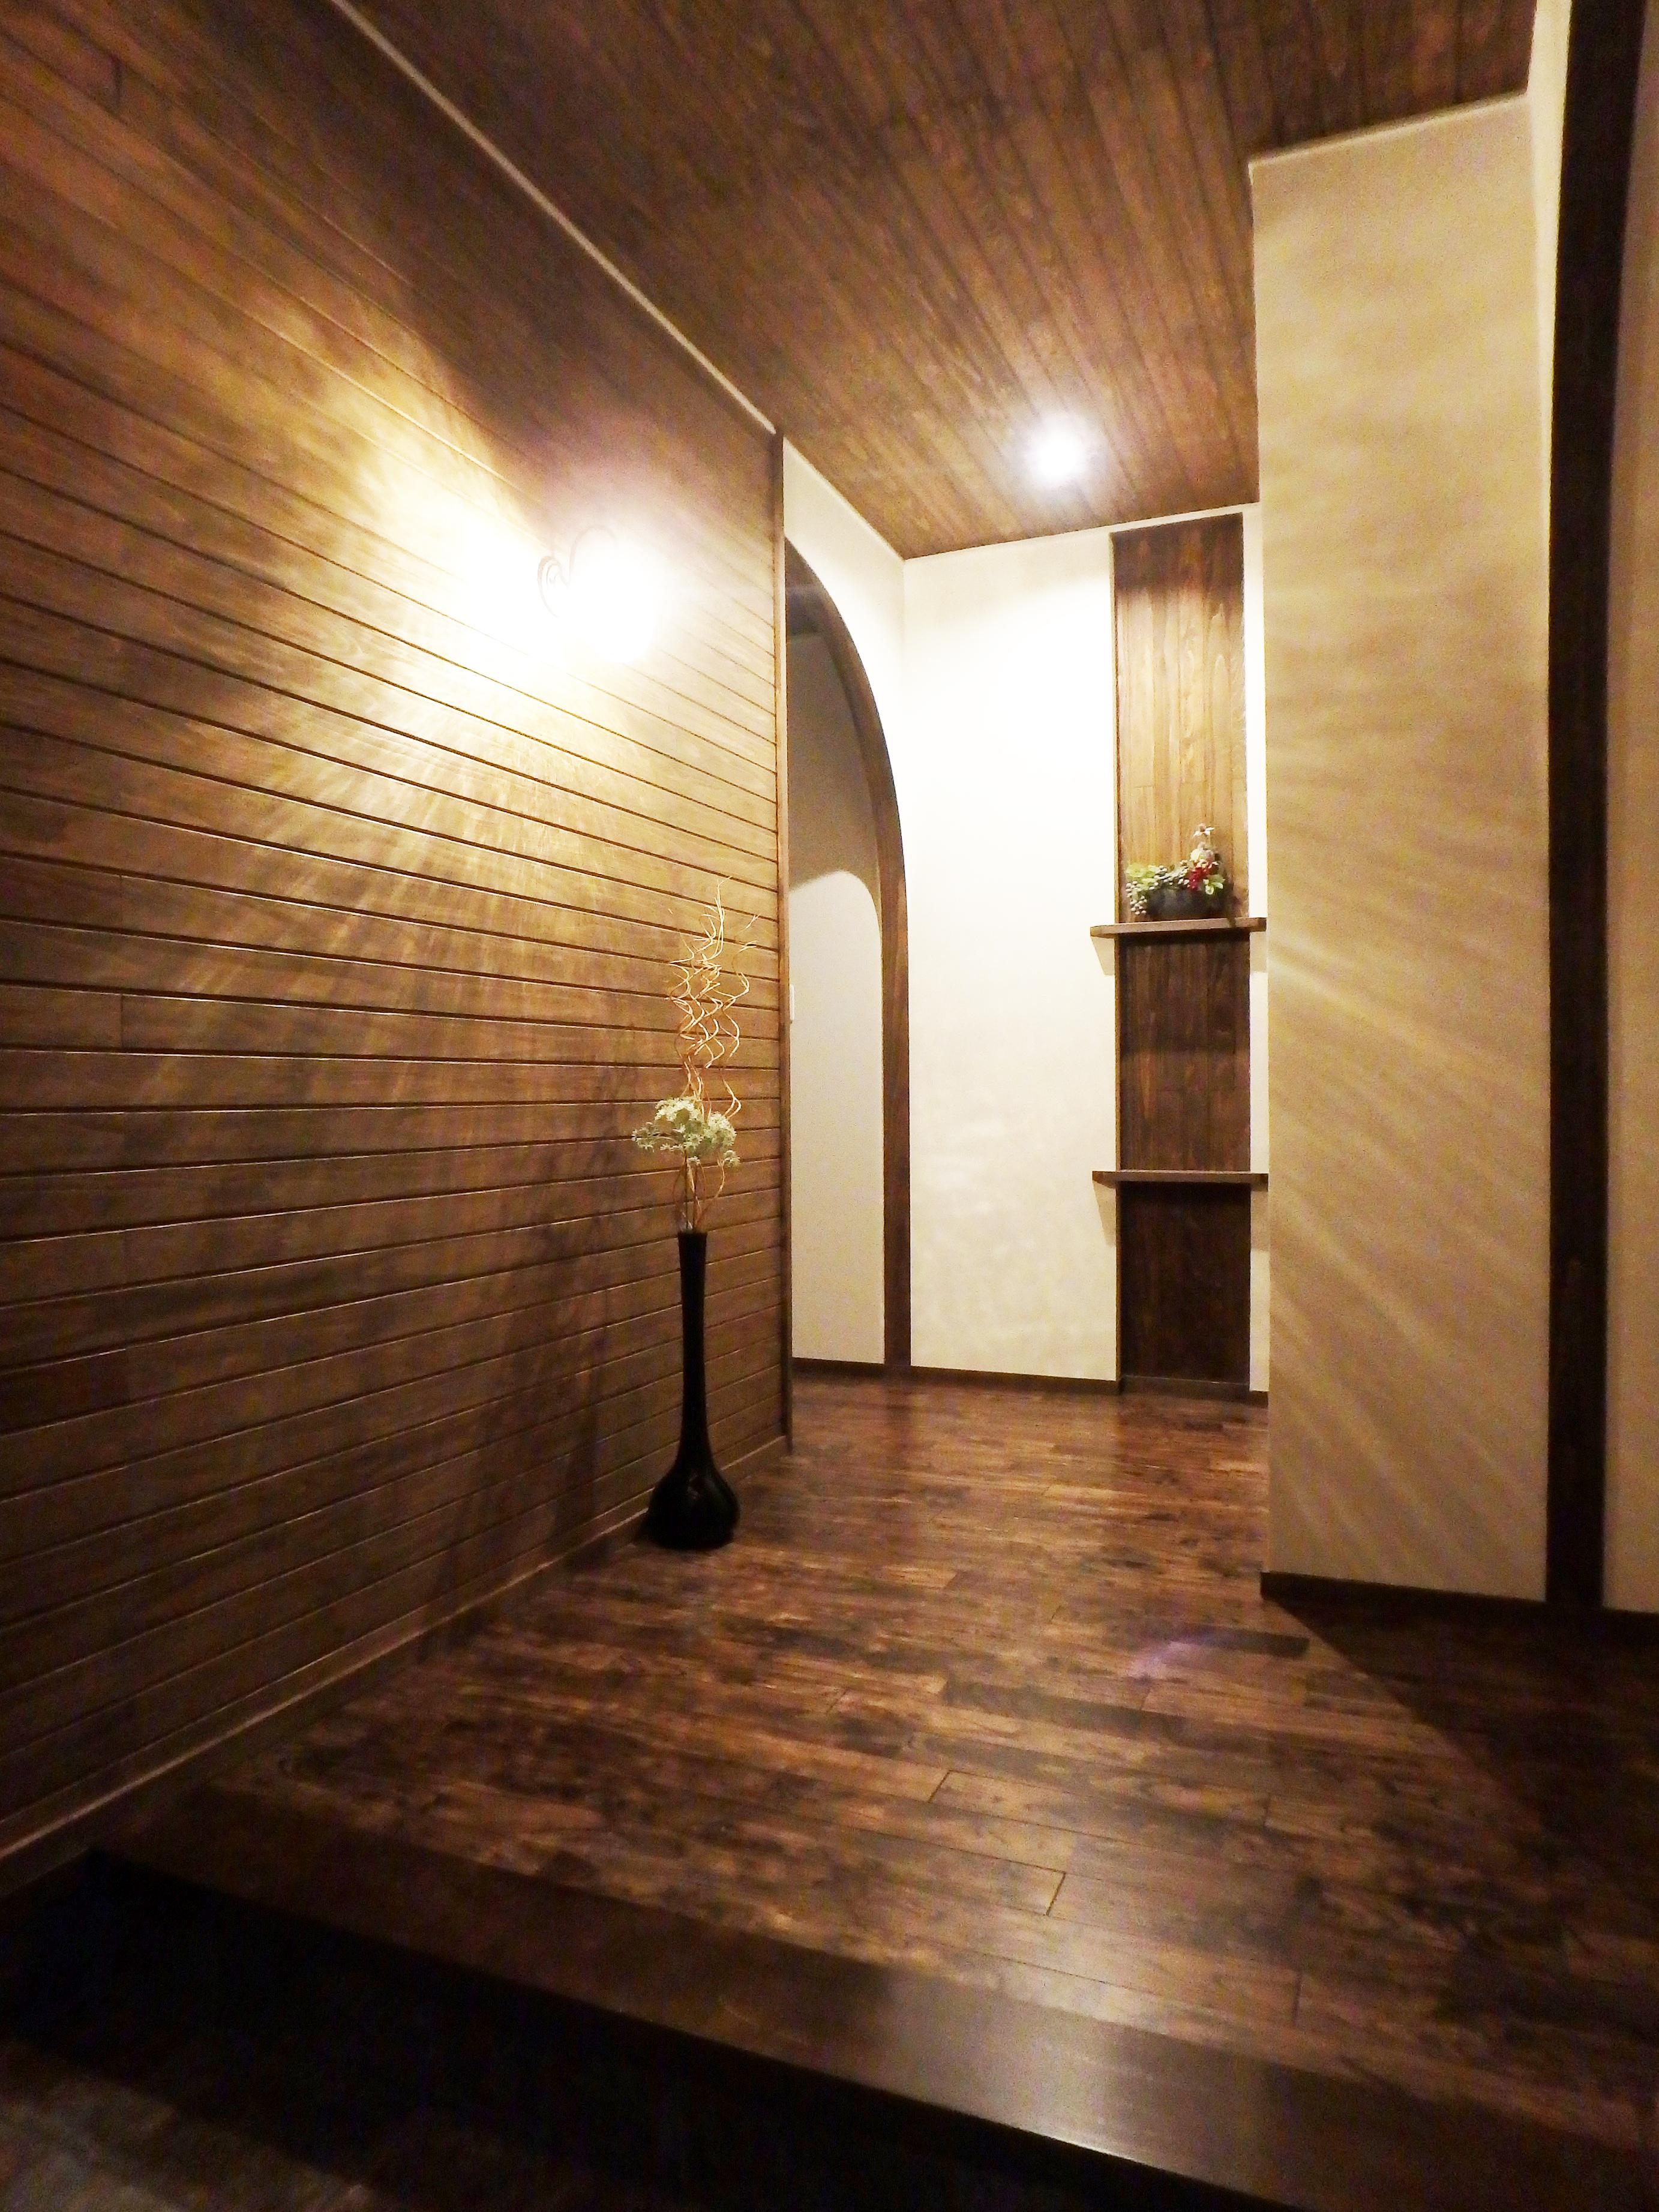 玄関を照らす照明にはうっすらと影が。照明にもこだわり光と影の競演を楽しむことができている